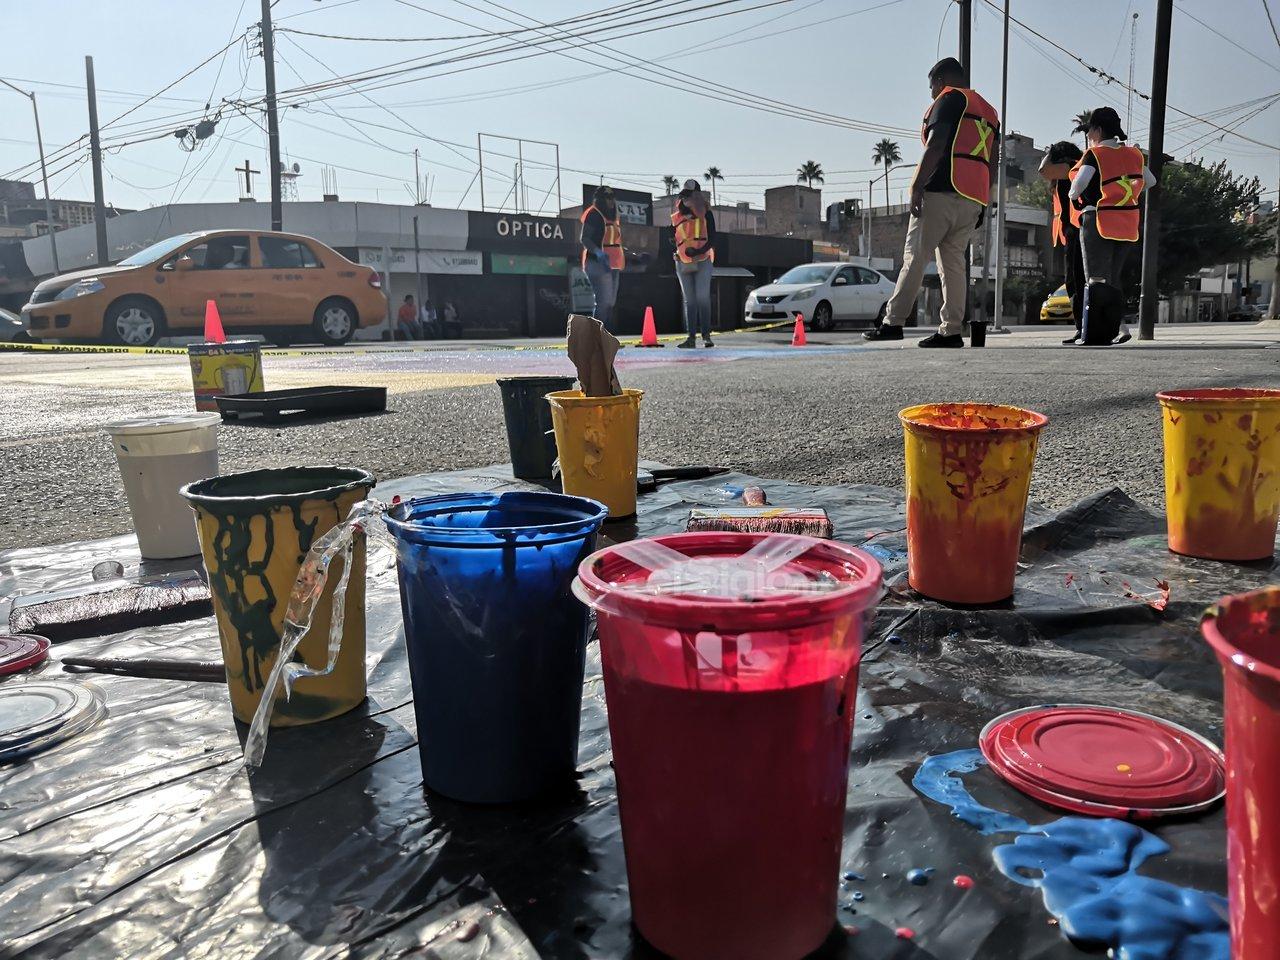 Una jornada de arte urbano. Con botes de pinturas de todos colores los jóvenes artistas intervinieron en los diversos pasos peatonales de la zona Centro; arriba la imagen del cruce entre Matamoros y Acuña, donde los participantes sacaron sus brochas para plasmar su arte.